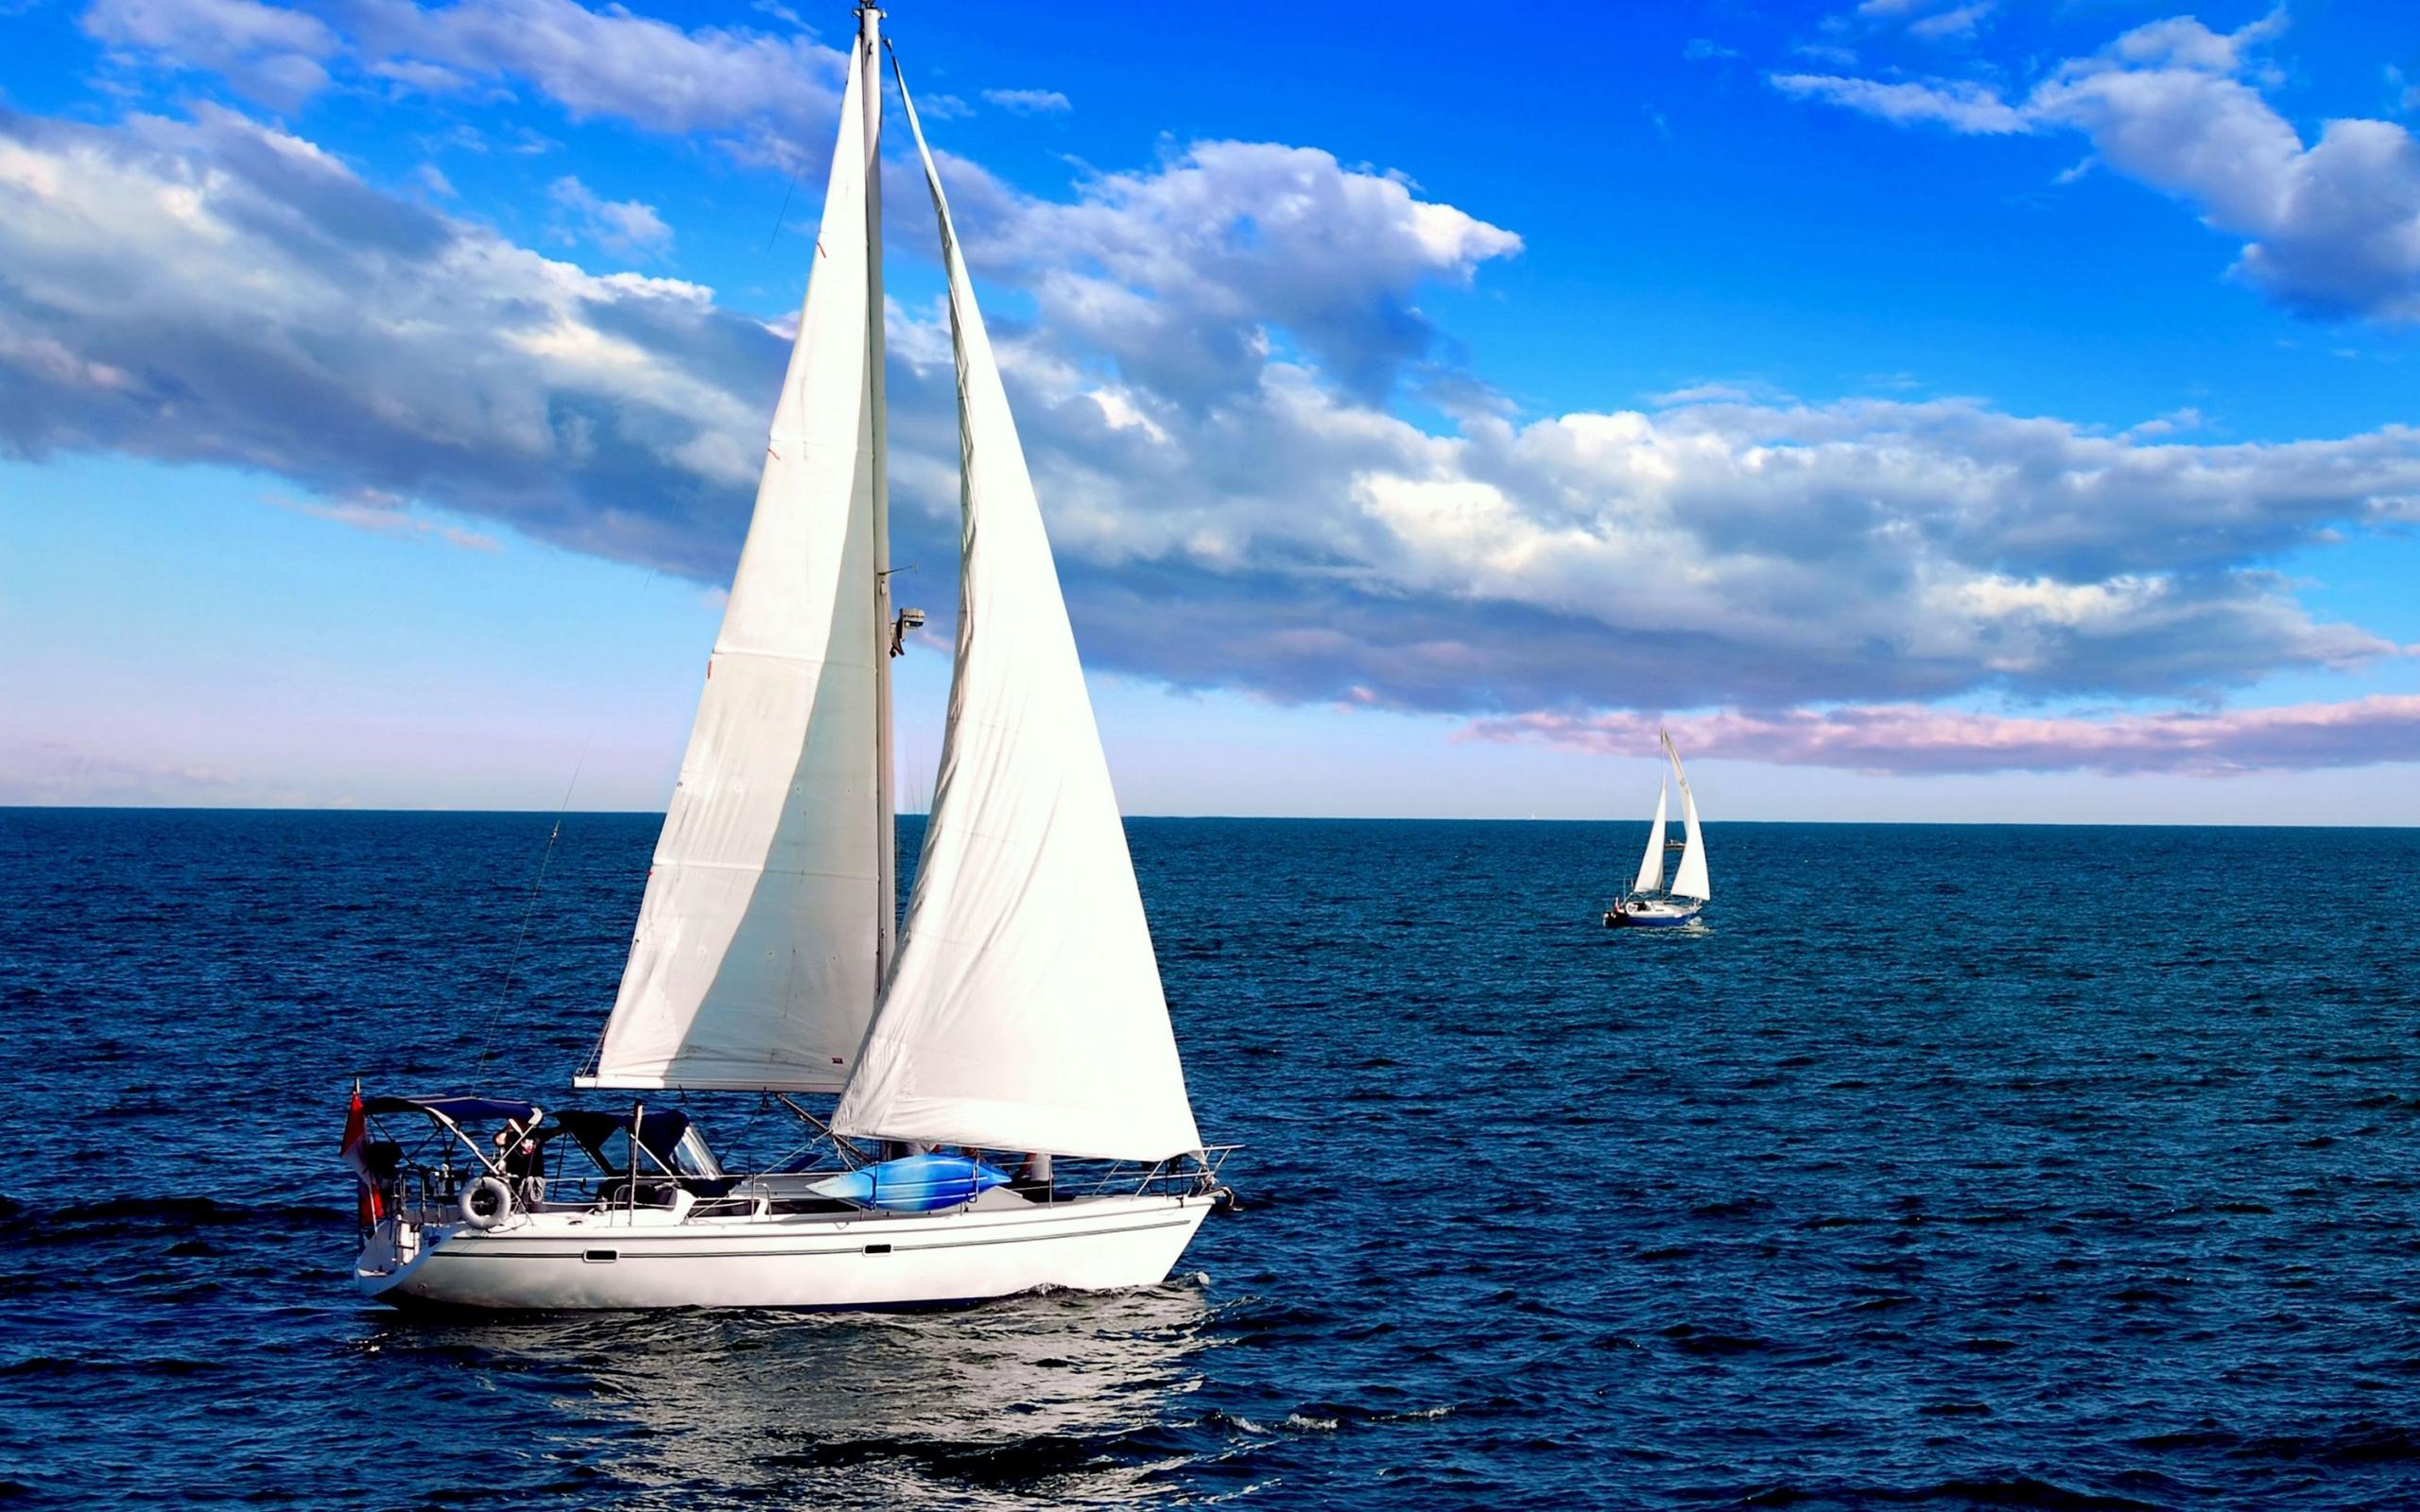 31859 Заставки и Обои Яхты на телефон. Скачать Транспорт, Море, Яхты картинки бесплатно